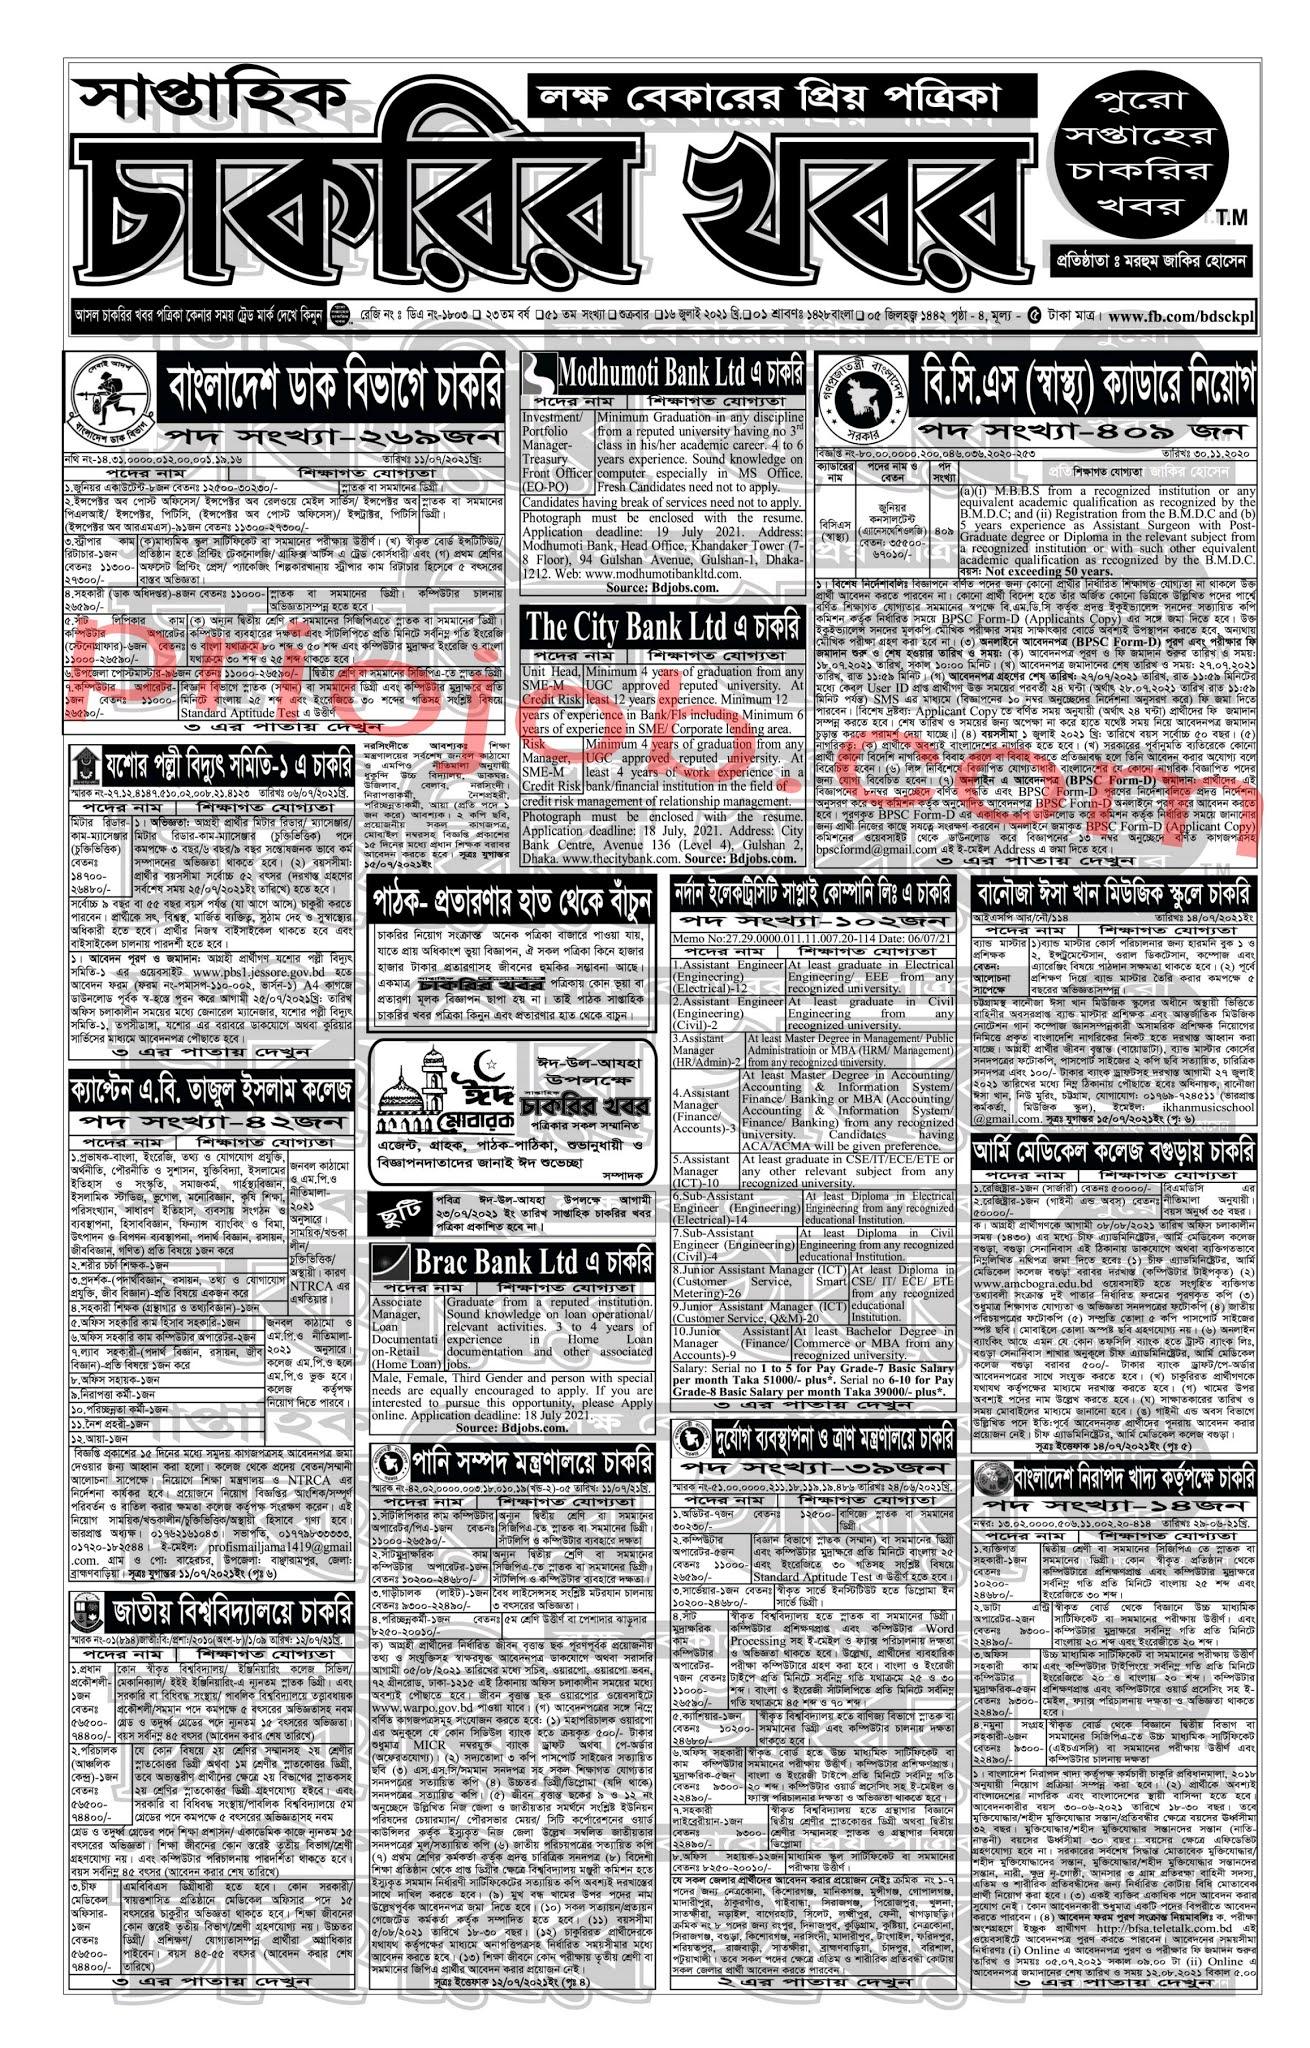 সাপ্তাহিক চাকরির খবর পত্রিকা ১৬ জুলাই ২০২১ - Saptahik Chakrir Khobor Potrika 16 july 2021 - Weekly Job Newspaper 16 July 2021 - চাকরির খবর পত্রিকা আজকের